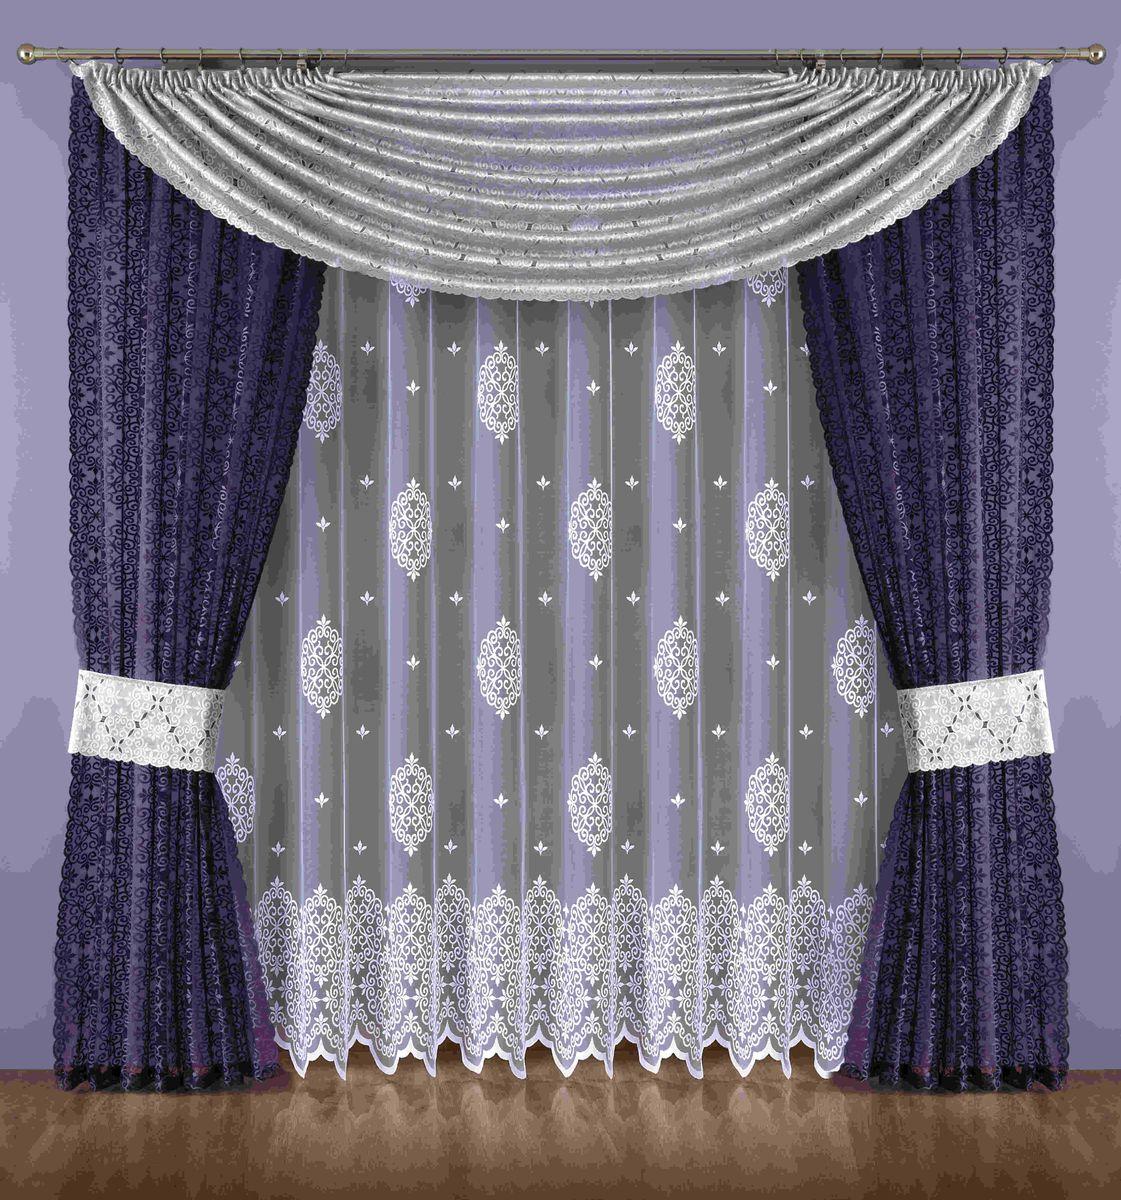 Комплект штор Wisan Maryna, на ленте, цвет: белый, серый, фиолетовый, высота 250 см